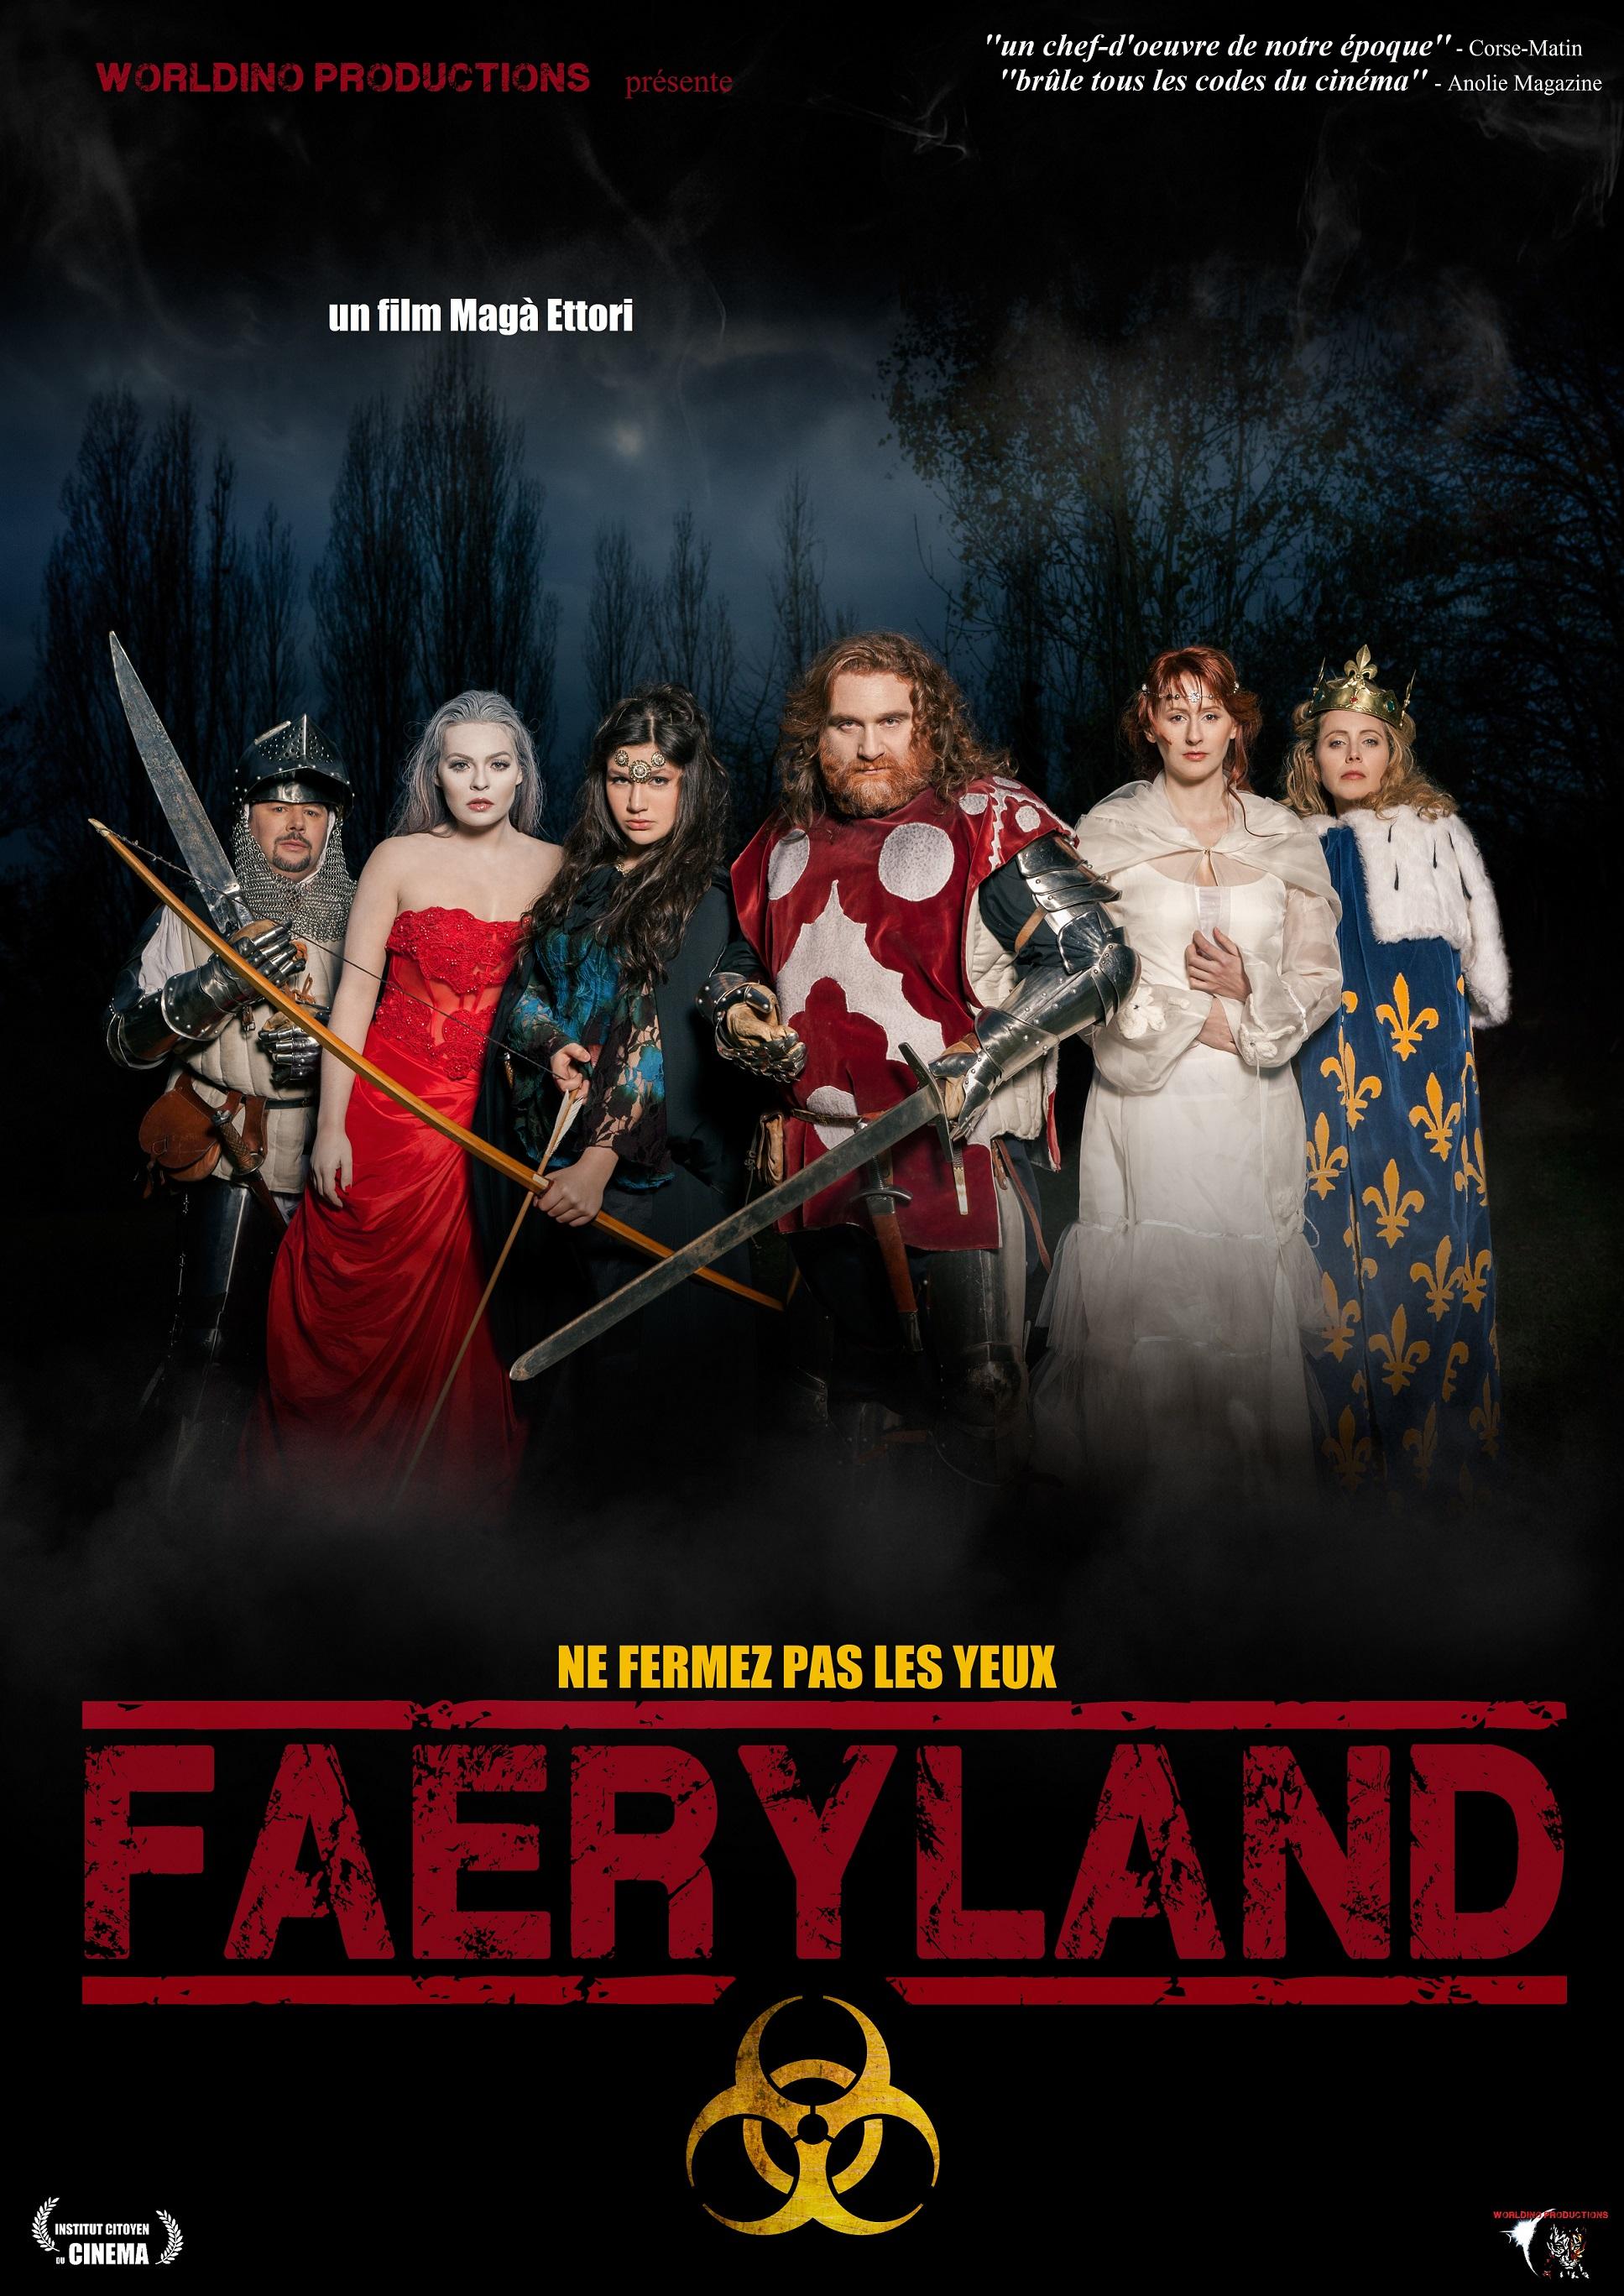 faeryland-magc3a0-ettori-affiche-web